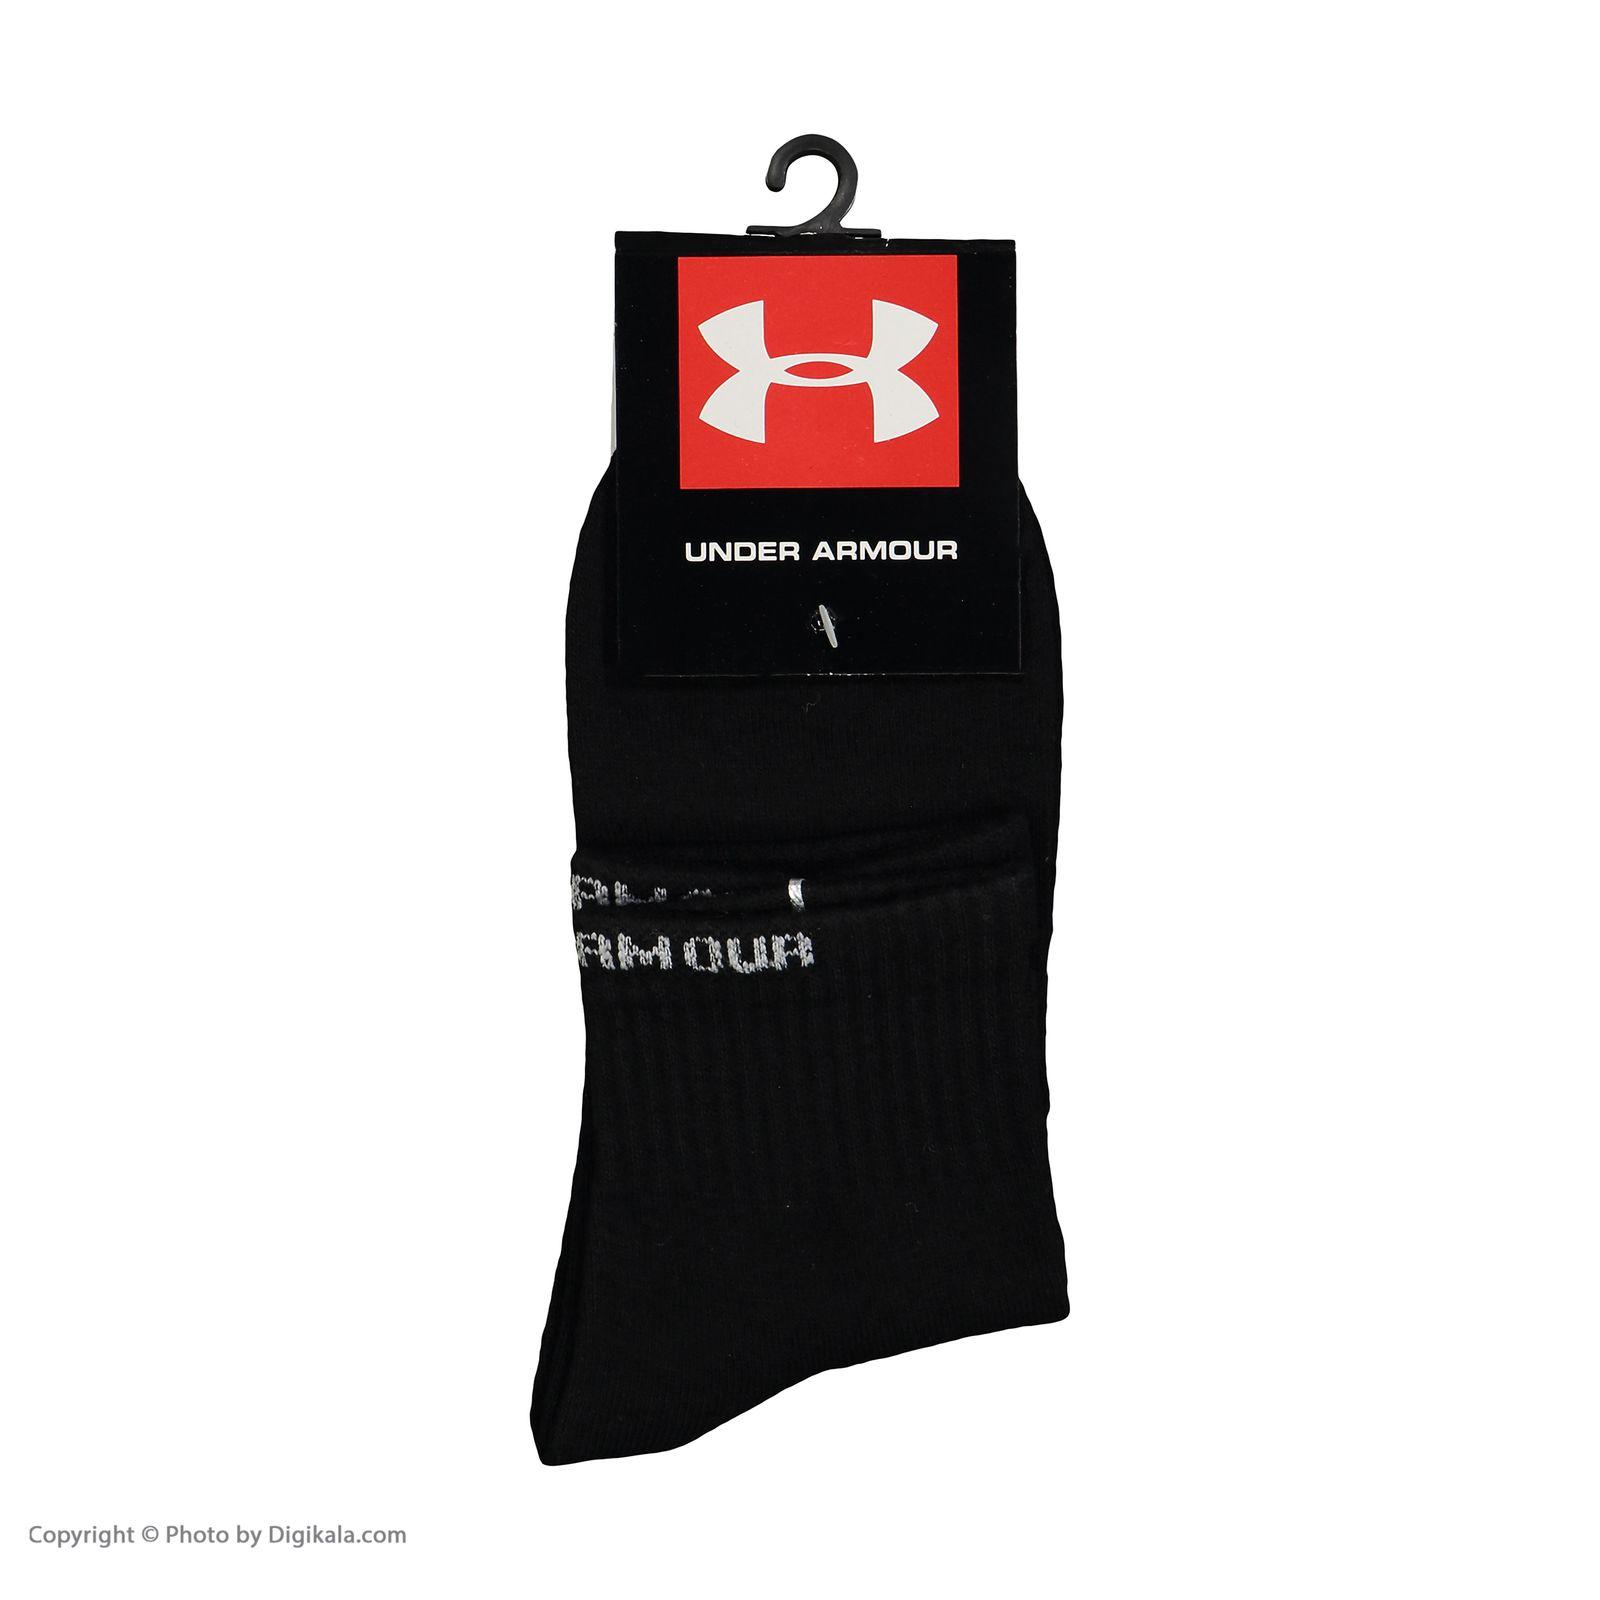 جوراب ورزشی مردانه آندر آمور کد GH-4095 -  - 3